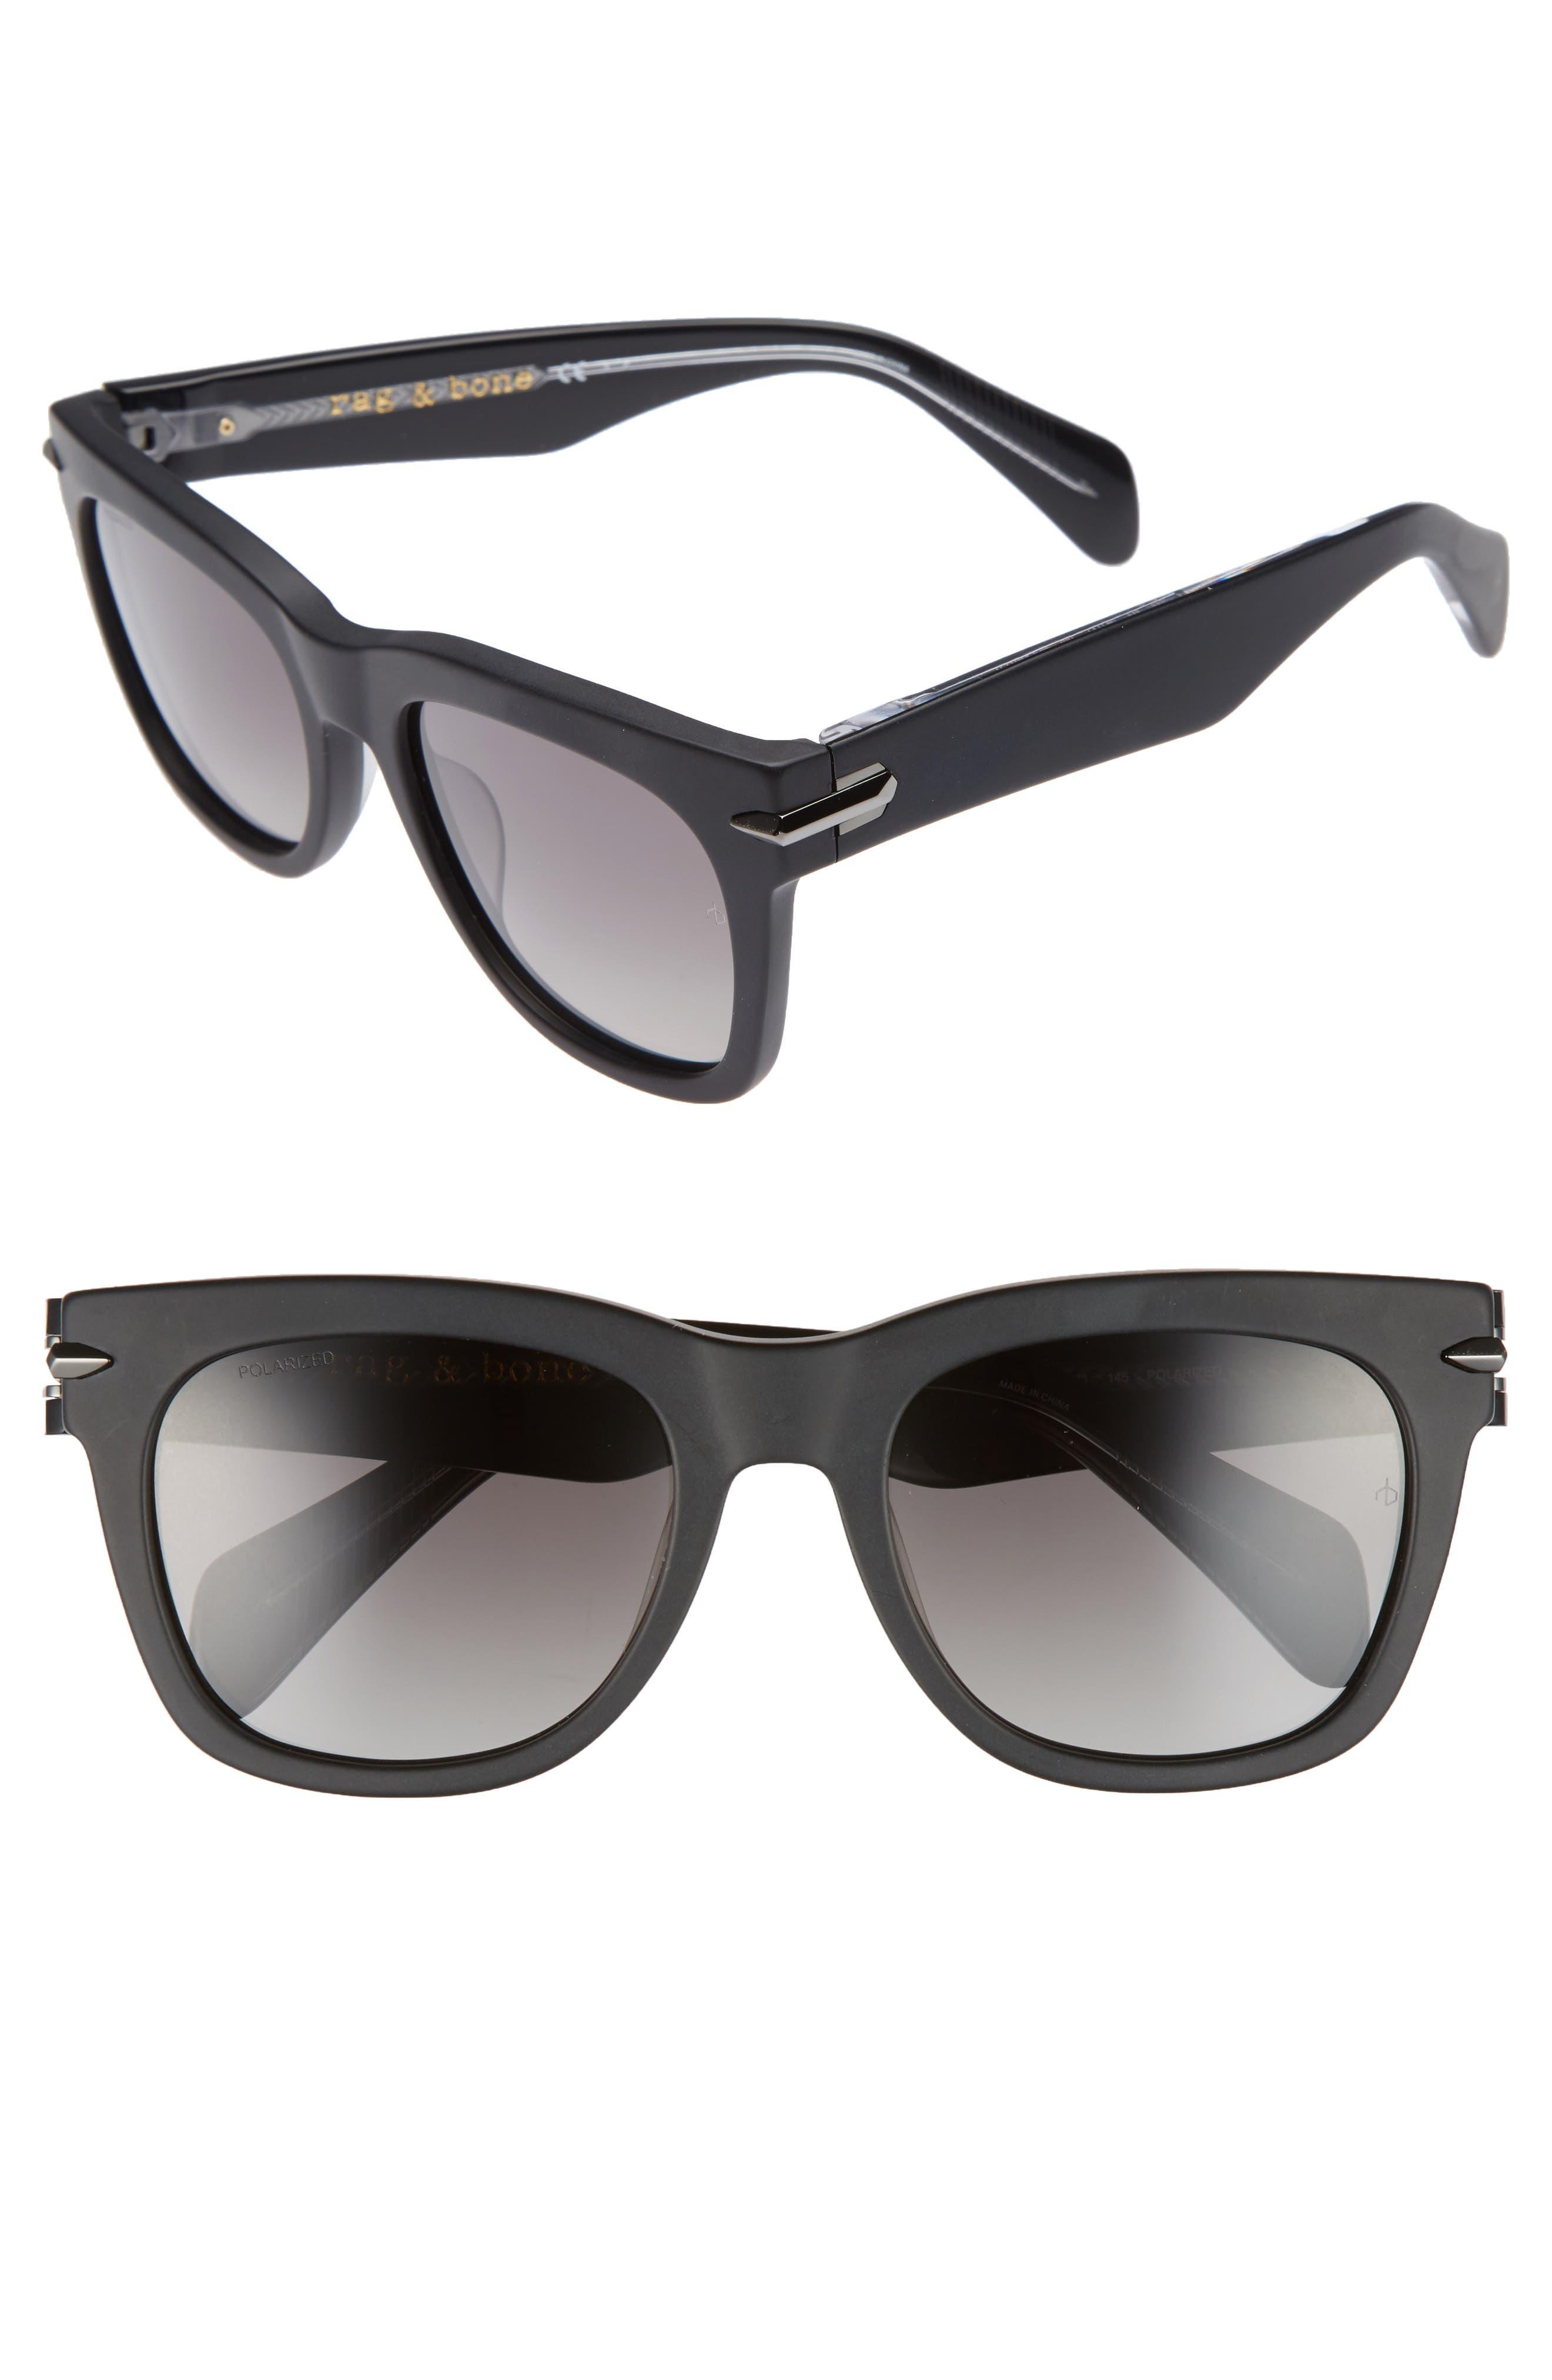 54mm Polarized Sunglasses,                             Main thumbnail 1, color,                             MATTE BLACK/ POLAR